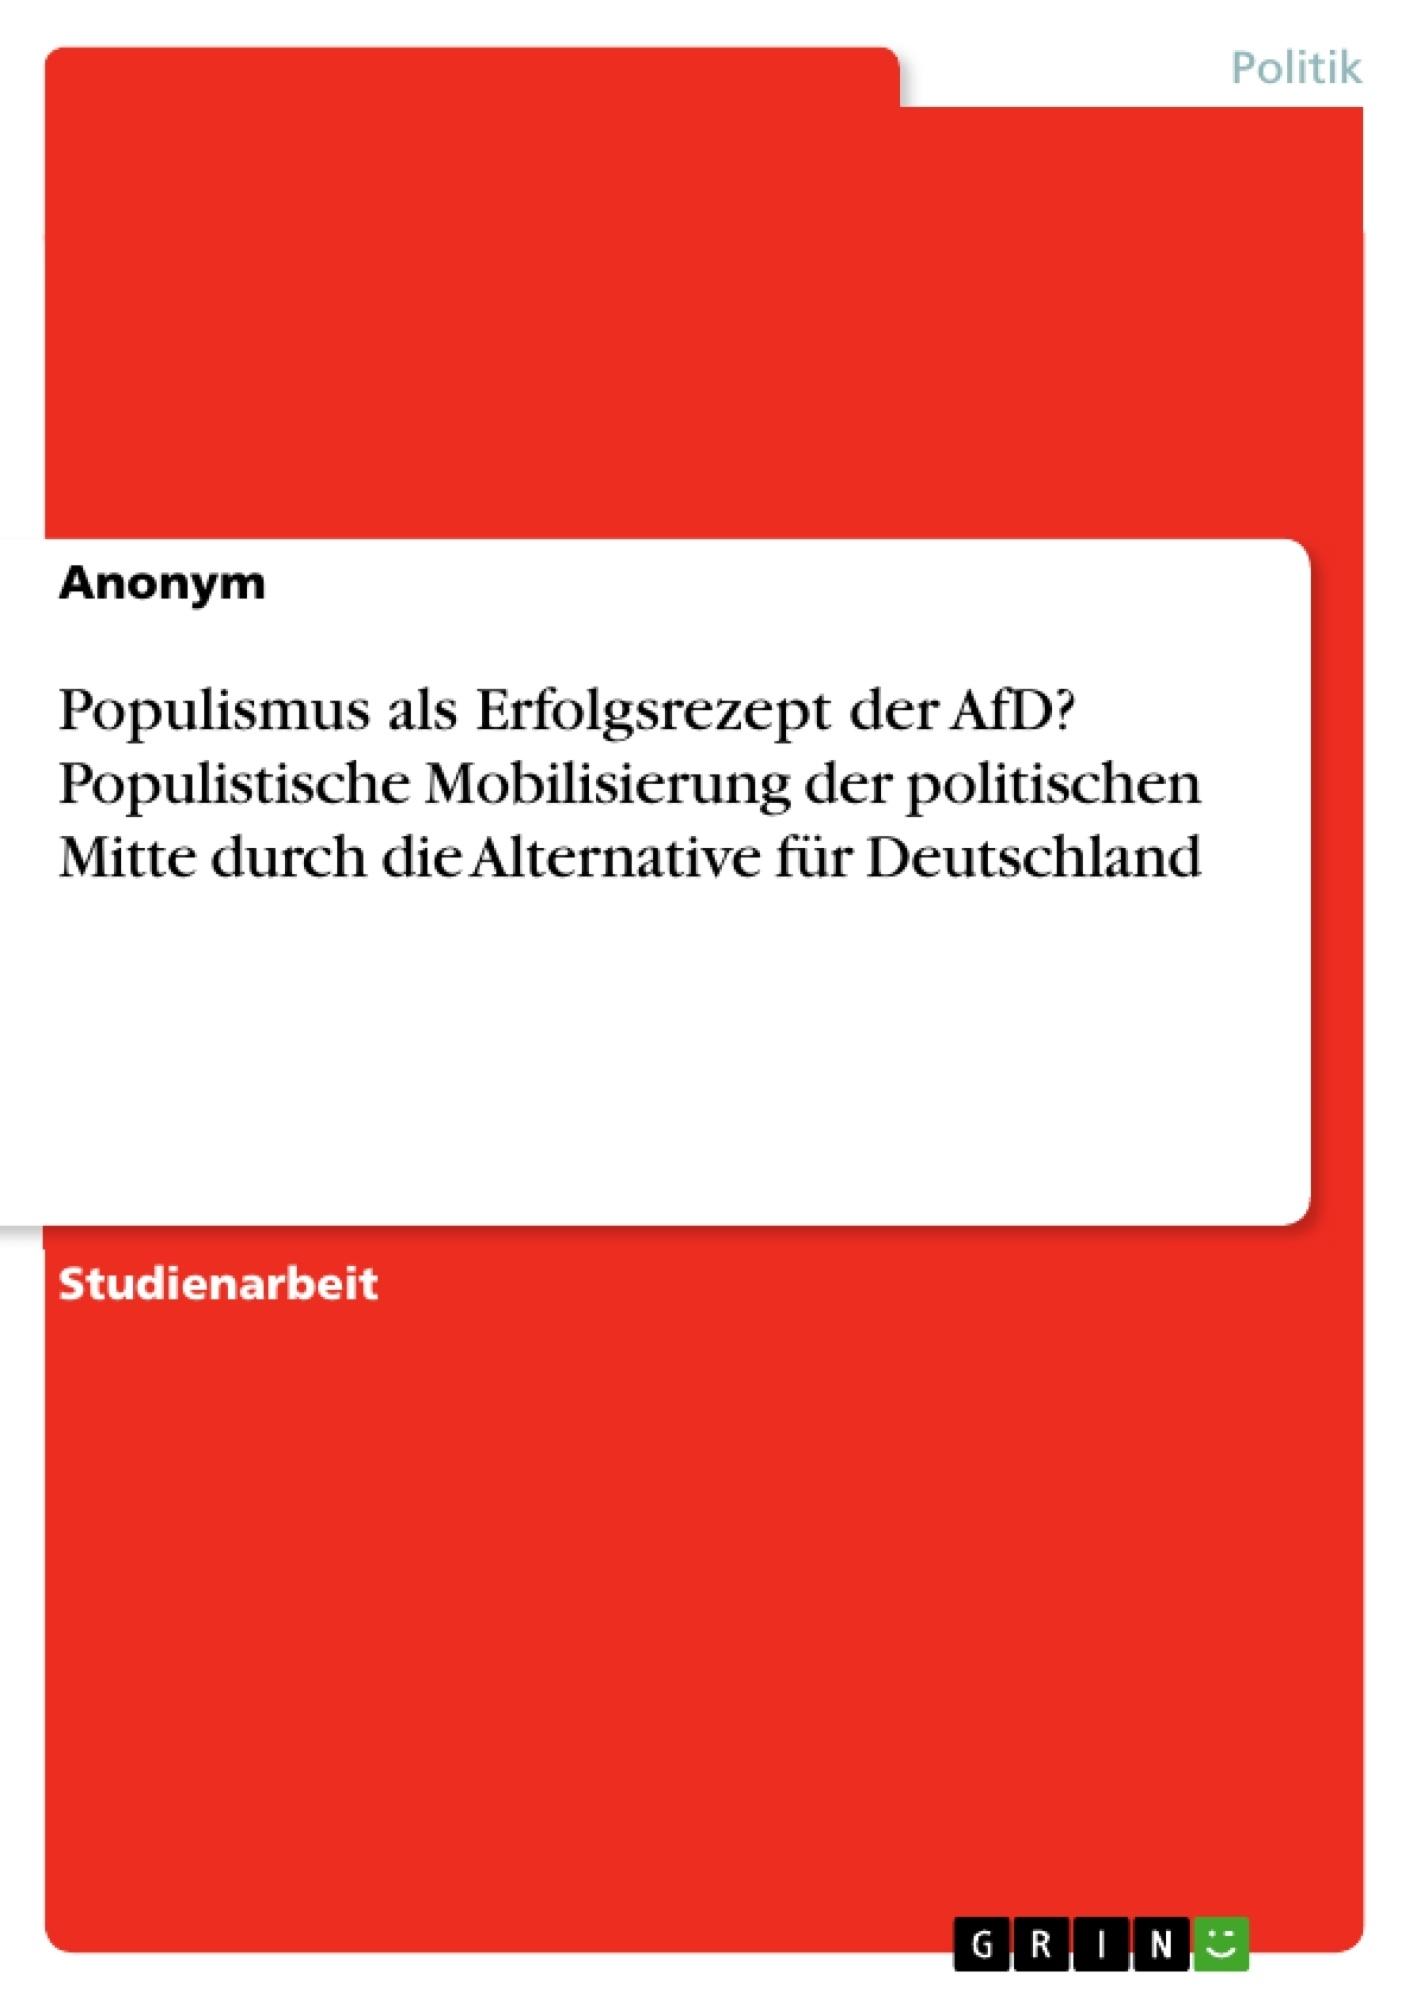 Titel: Populismus als Erfolgsrezept der AfD? Populistische Mobilisierung der politischen Mitte durch die Alternative für Deutschland